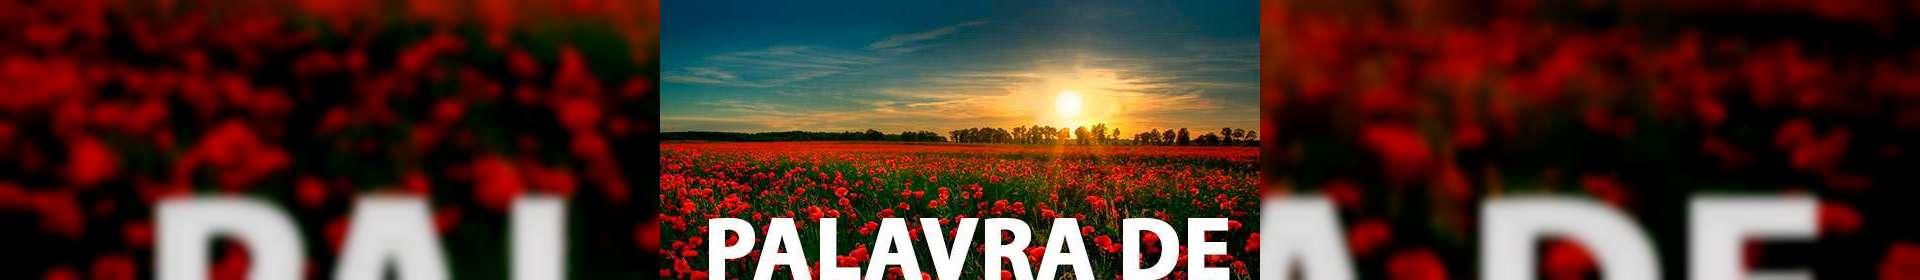 Salmos 107:28-30 - Uma Palavra de Esperança para sua vida